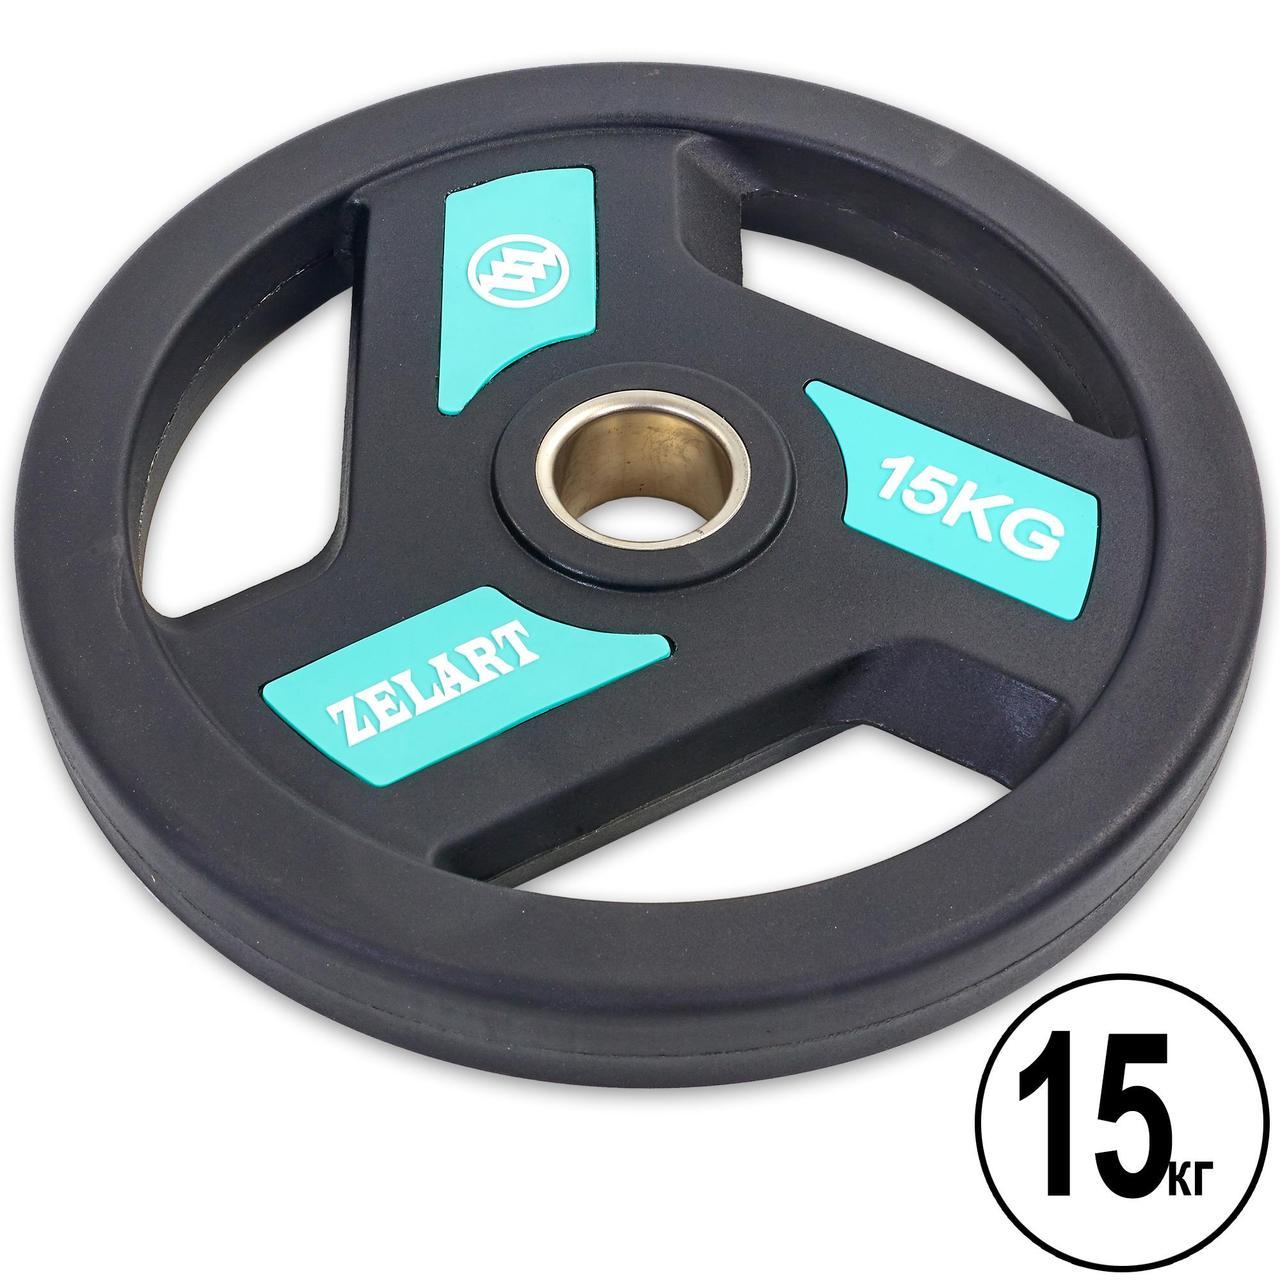 Блины (диски) полиуретановые с хватом и металлической втулкой d-51мм Zelart TA-5344-15 15кг (черный)